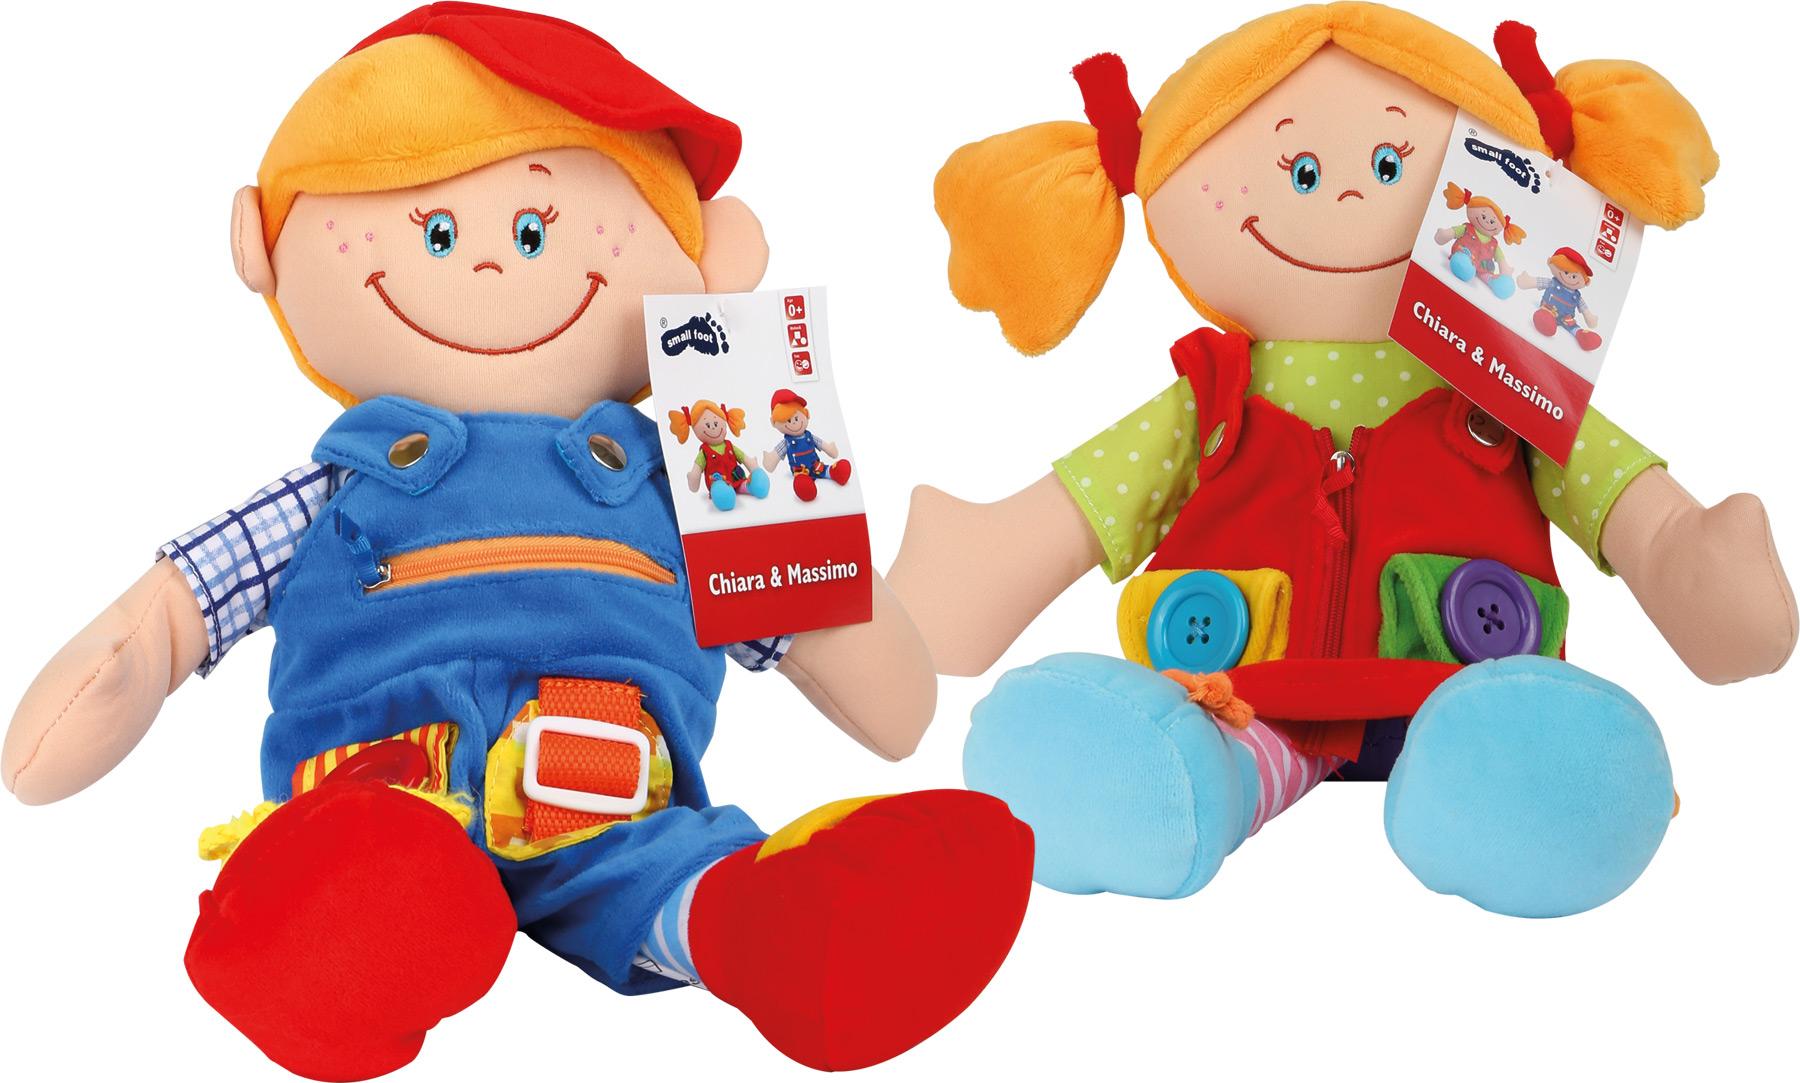 Bambole in stoffa Chiara & Massimo